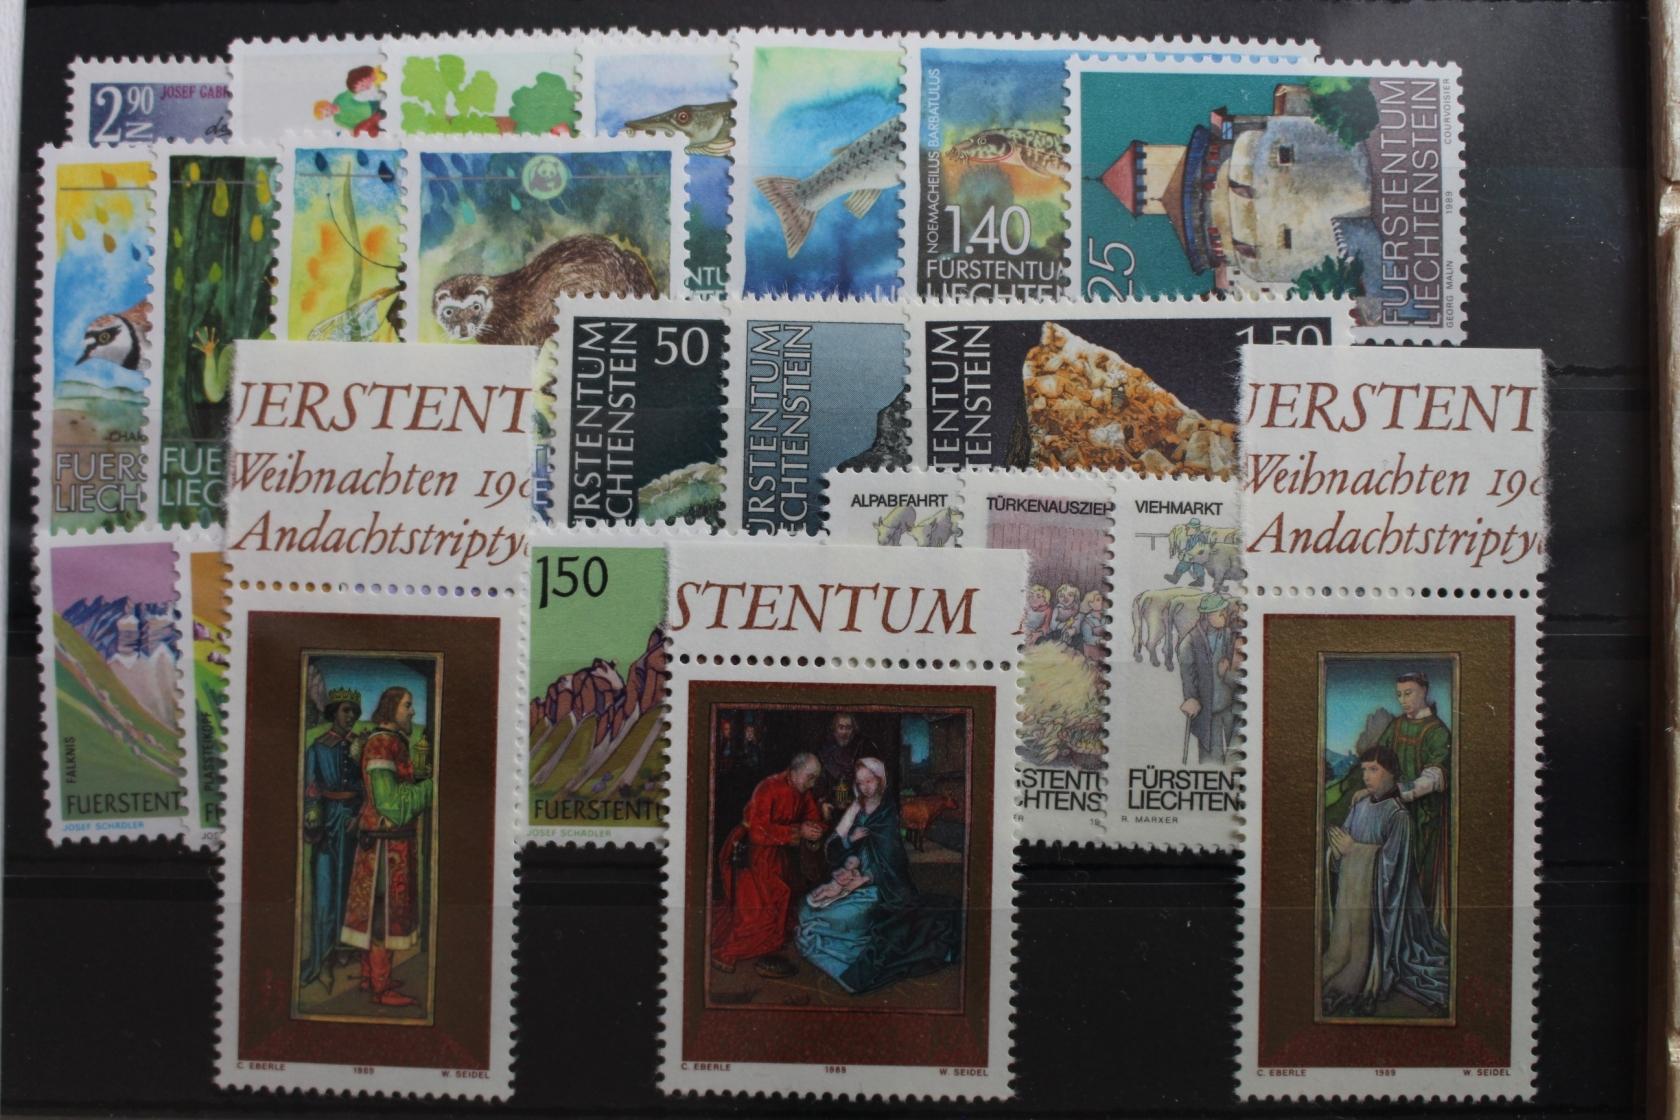 Österreich 2956 kompl.ausg. Postfrisch 2011 Umweltschutz